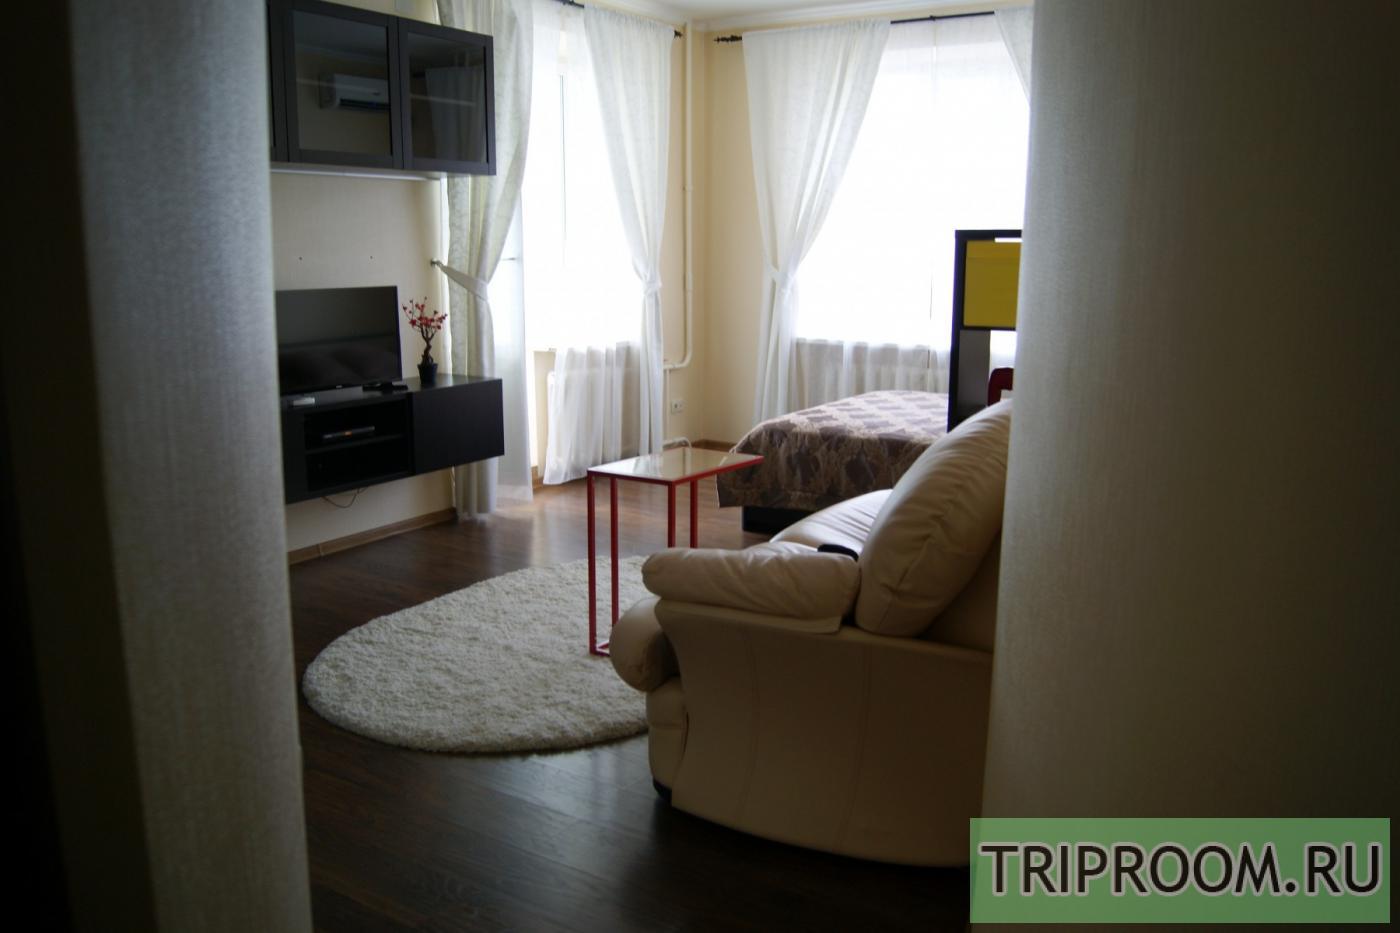 1-комнатная квартира посуточно (вариант № 22116), ул. Красноармейская улица, фото № 16